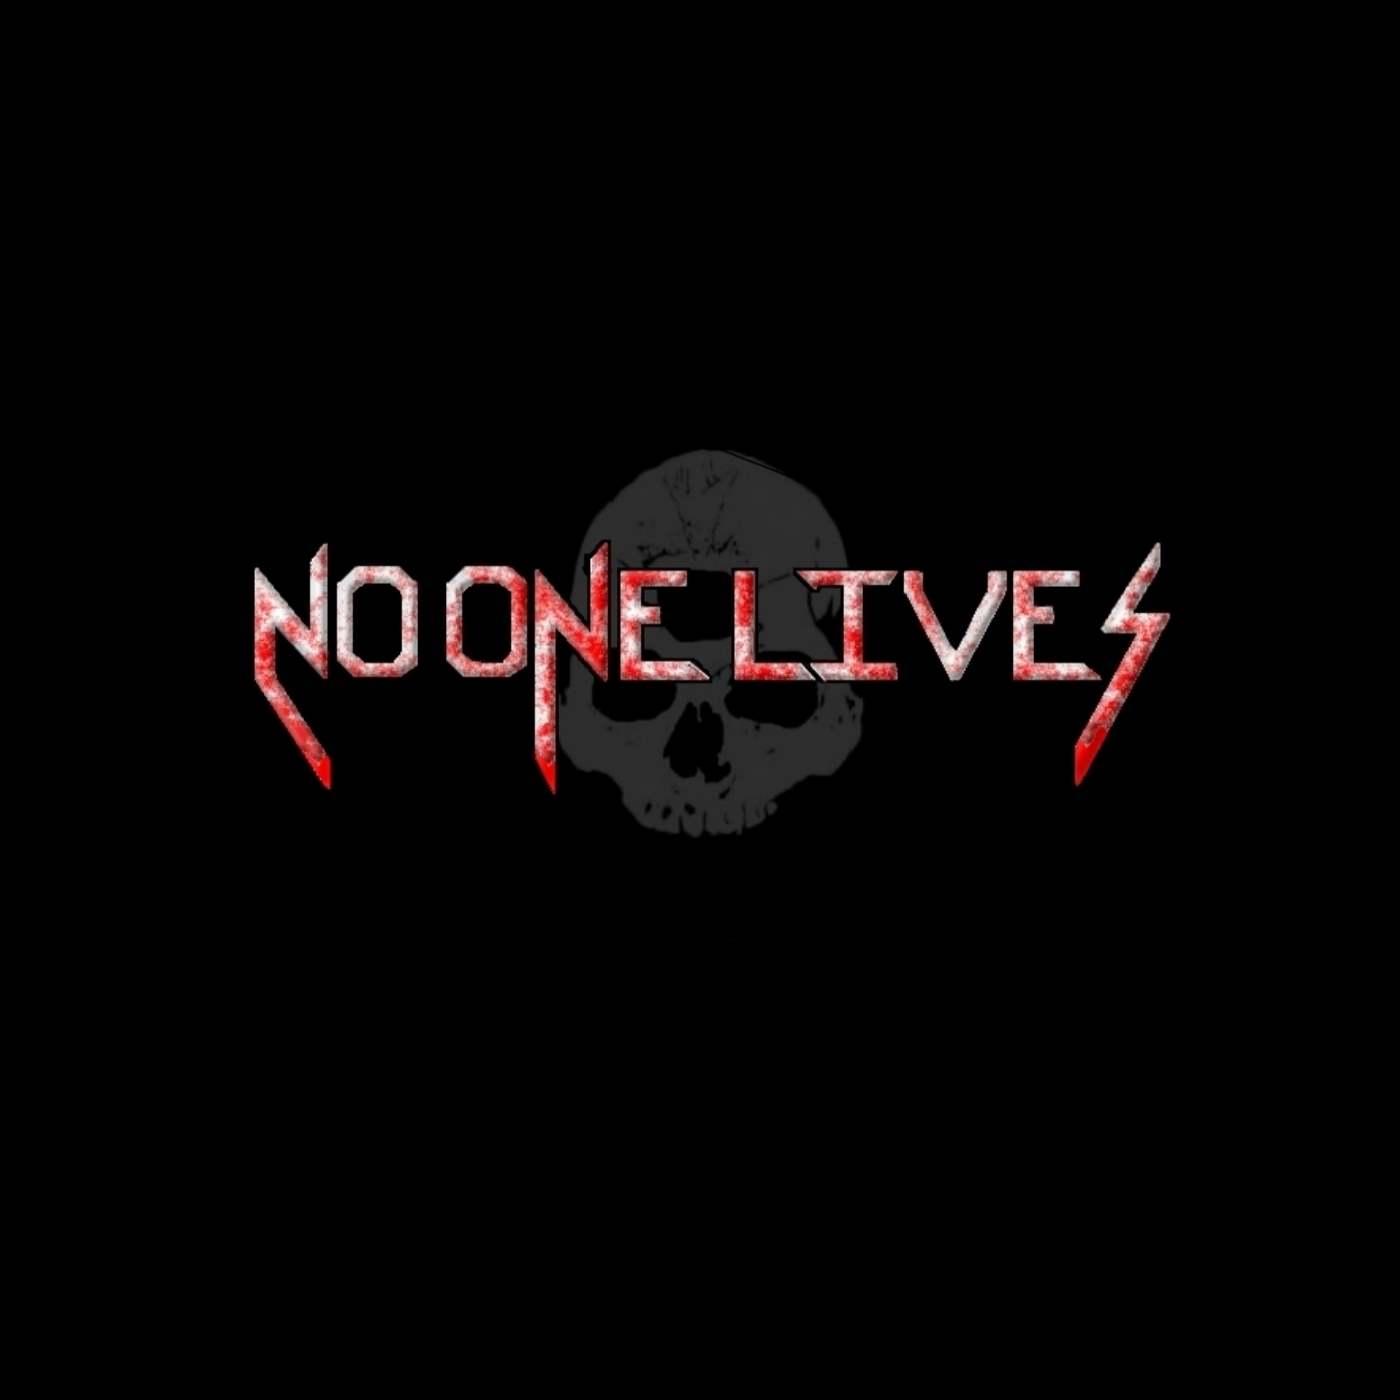 No One Lives - 2018 Demo